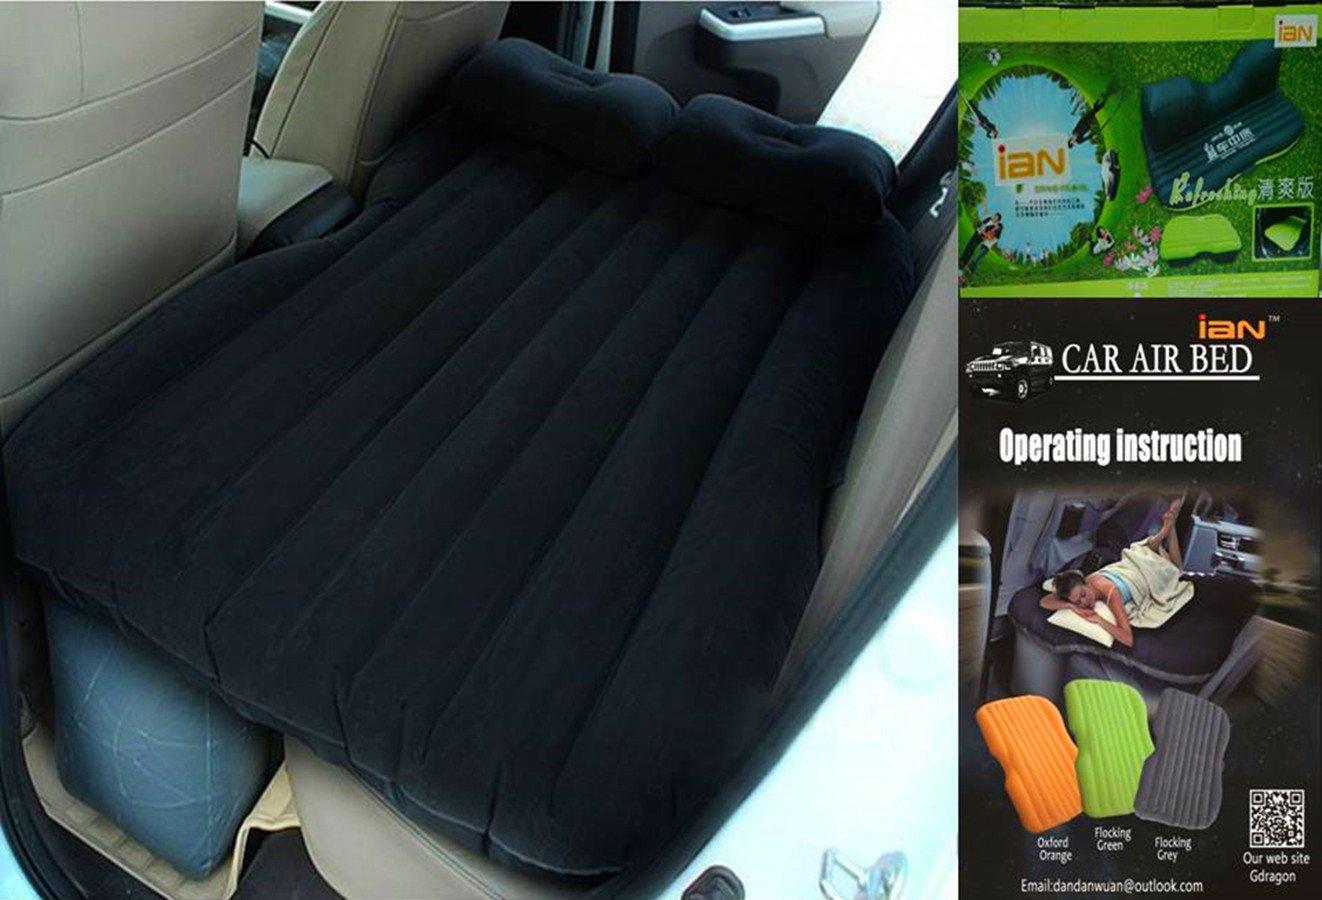 Backseat Inflatable Bed Amazoncom Ian Car Travel Inflatable Mattress Inflatable Bed